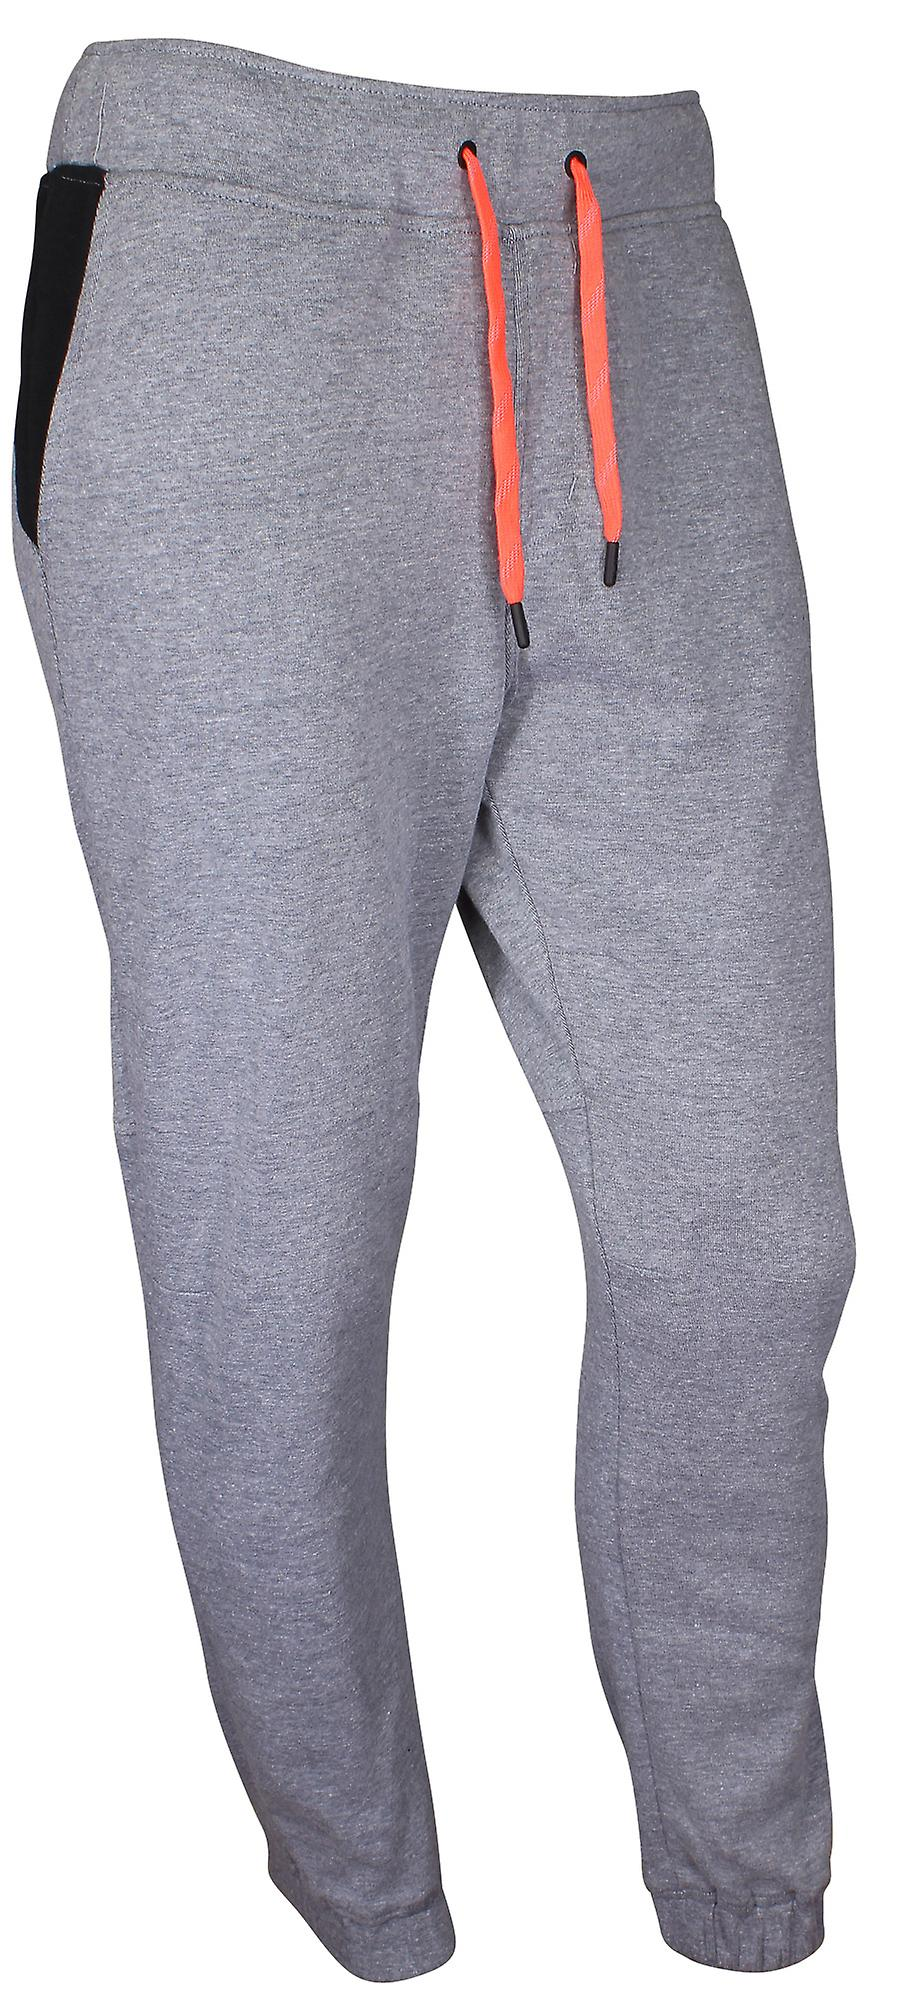 Fox Racing Mens Lateral svette bukser - lyng grå